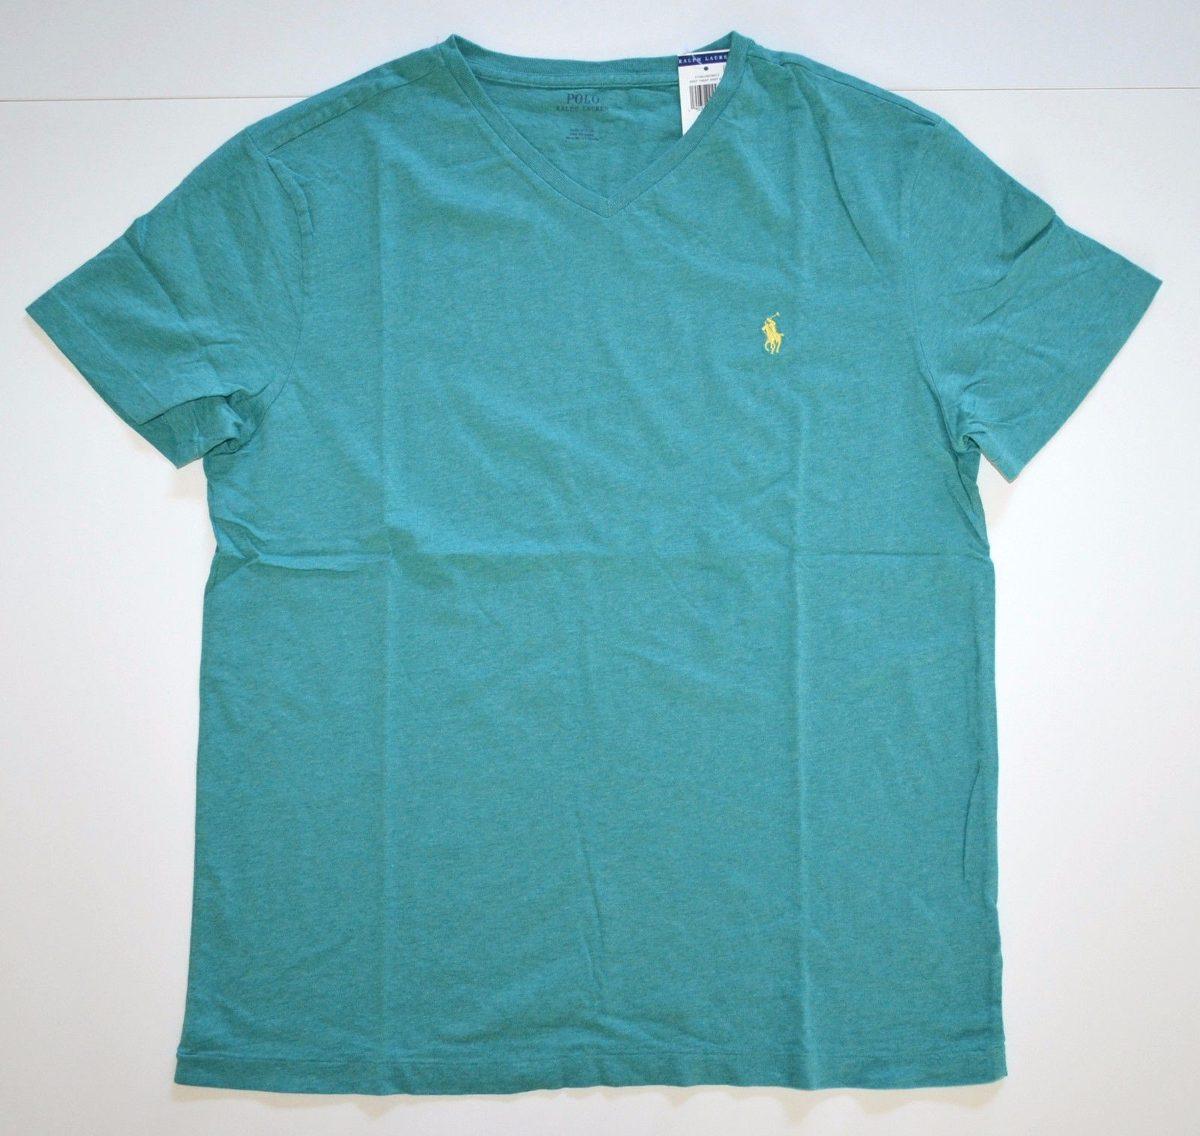 camiseta básica polo ralph lauren tamanho gg   xl original. Carregando zoom. 9d898b28f82